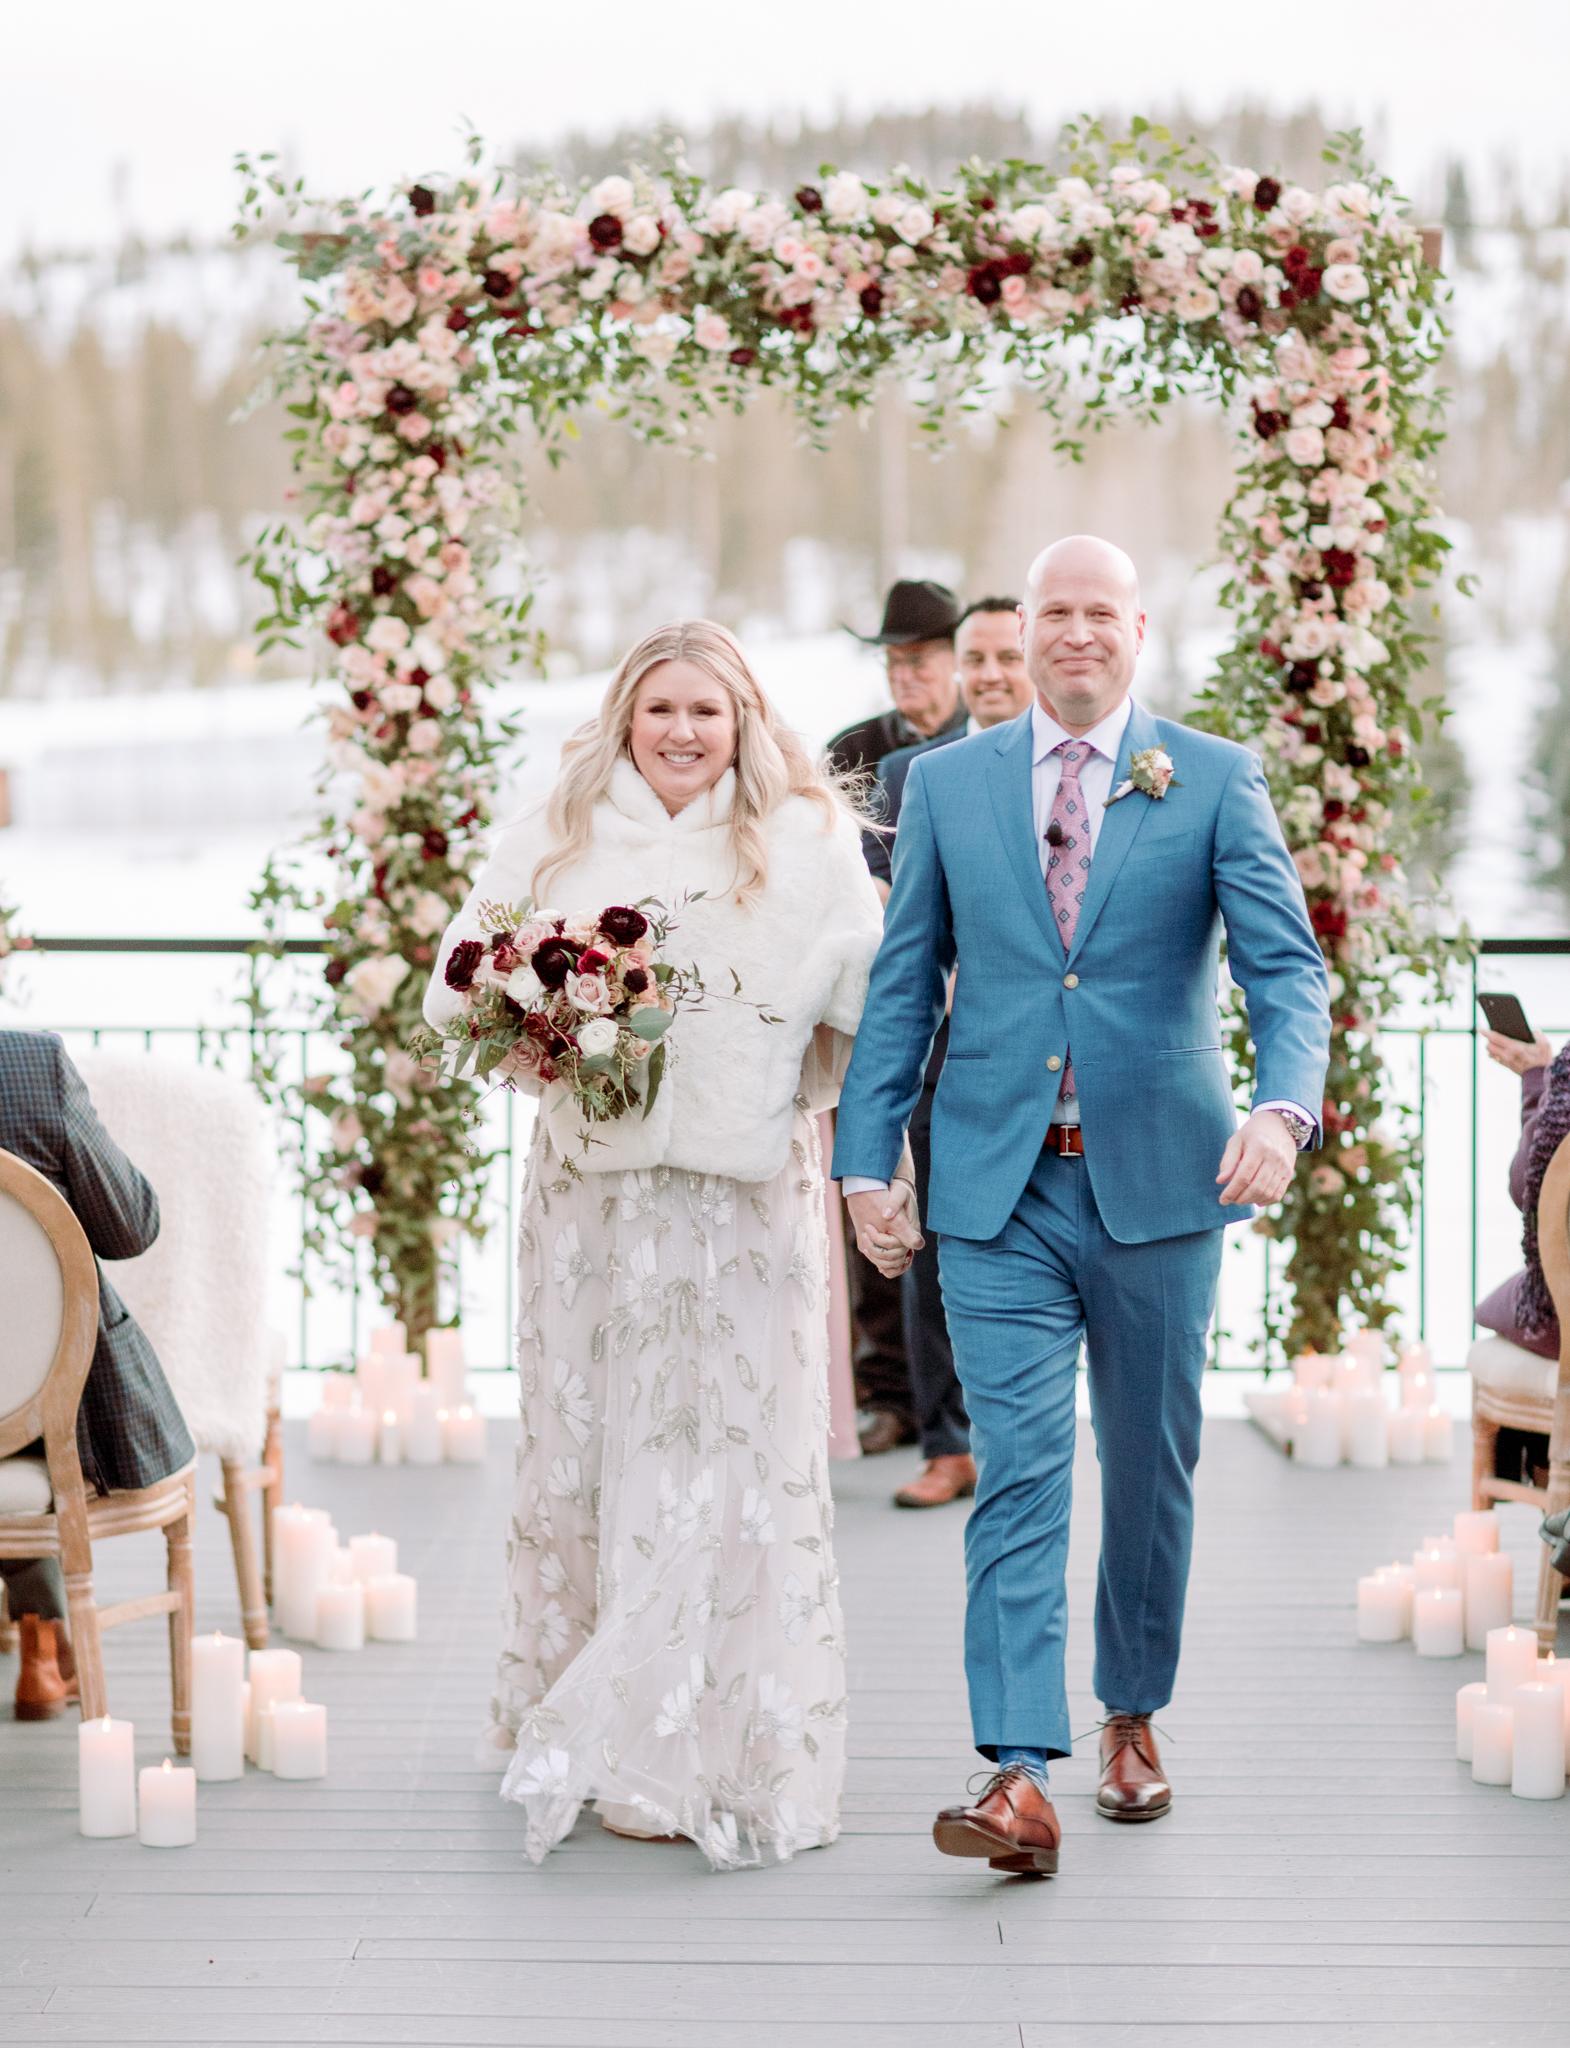 Devils-Thumb-Ranch-Tabernash-Colorado-Winter-Broad-Axe-Barn-Wedding-Deck-Ceremony-Bride-and-Groom-Recessional